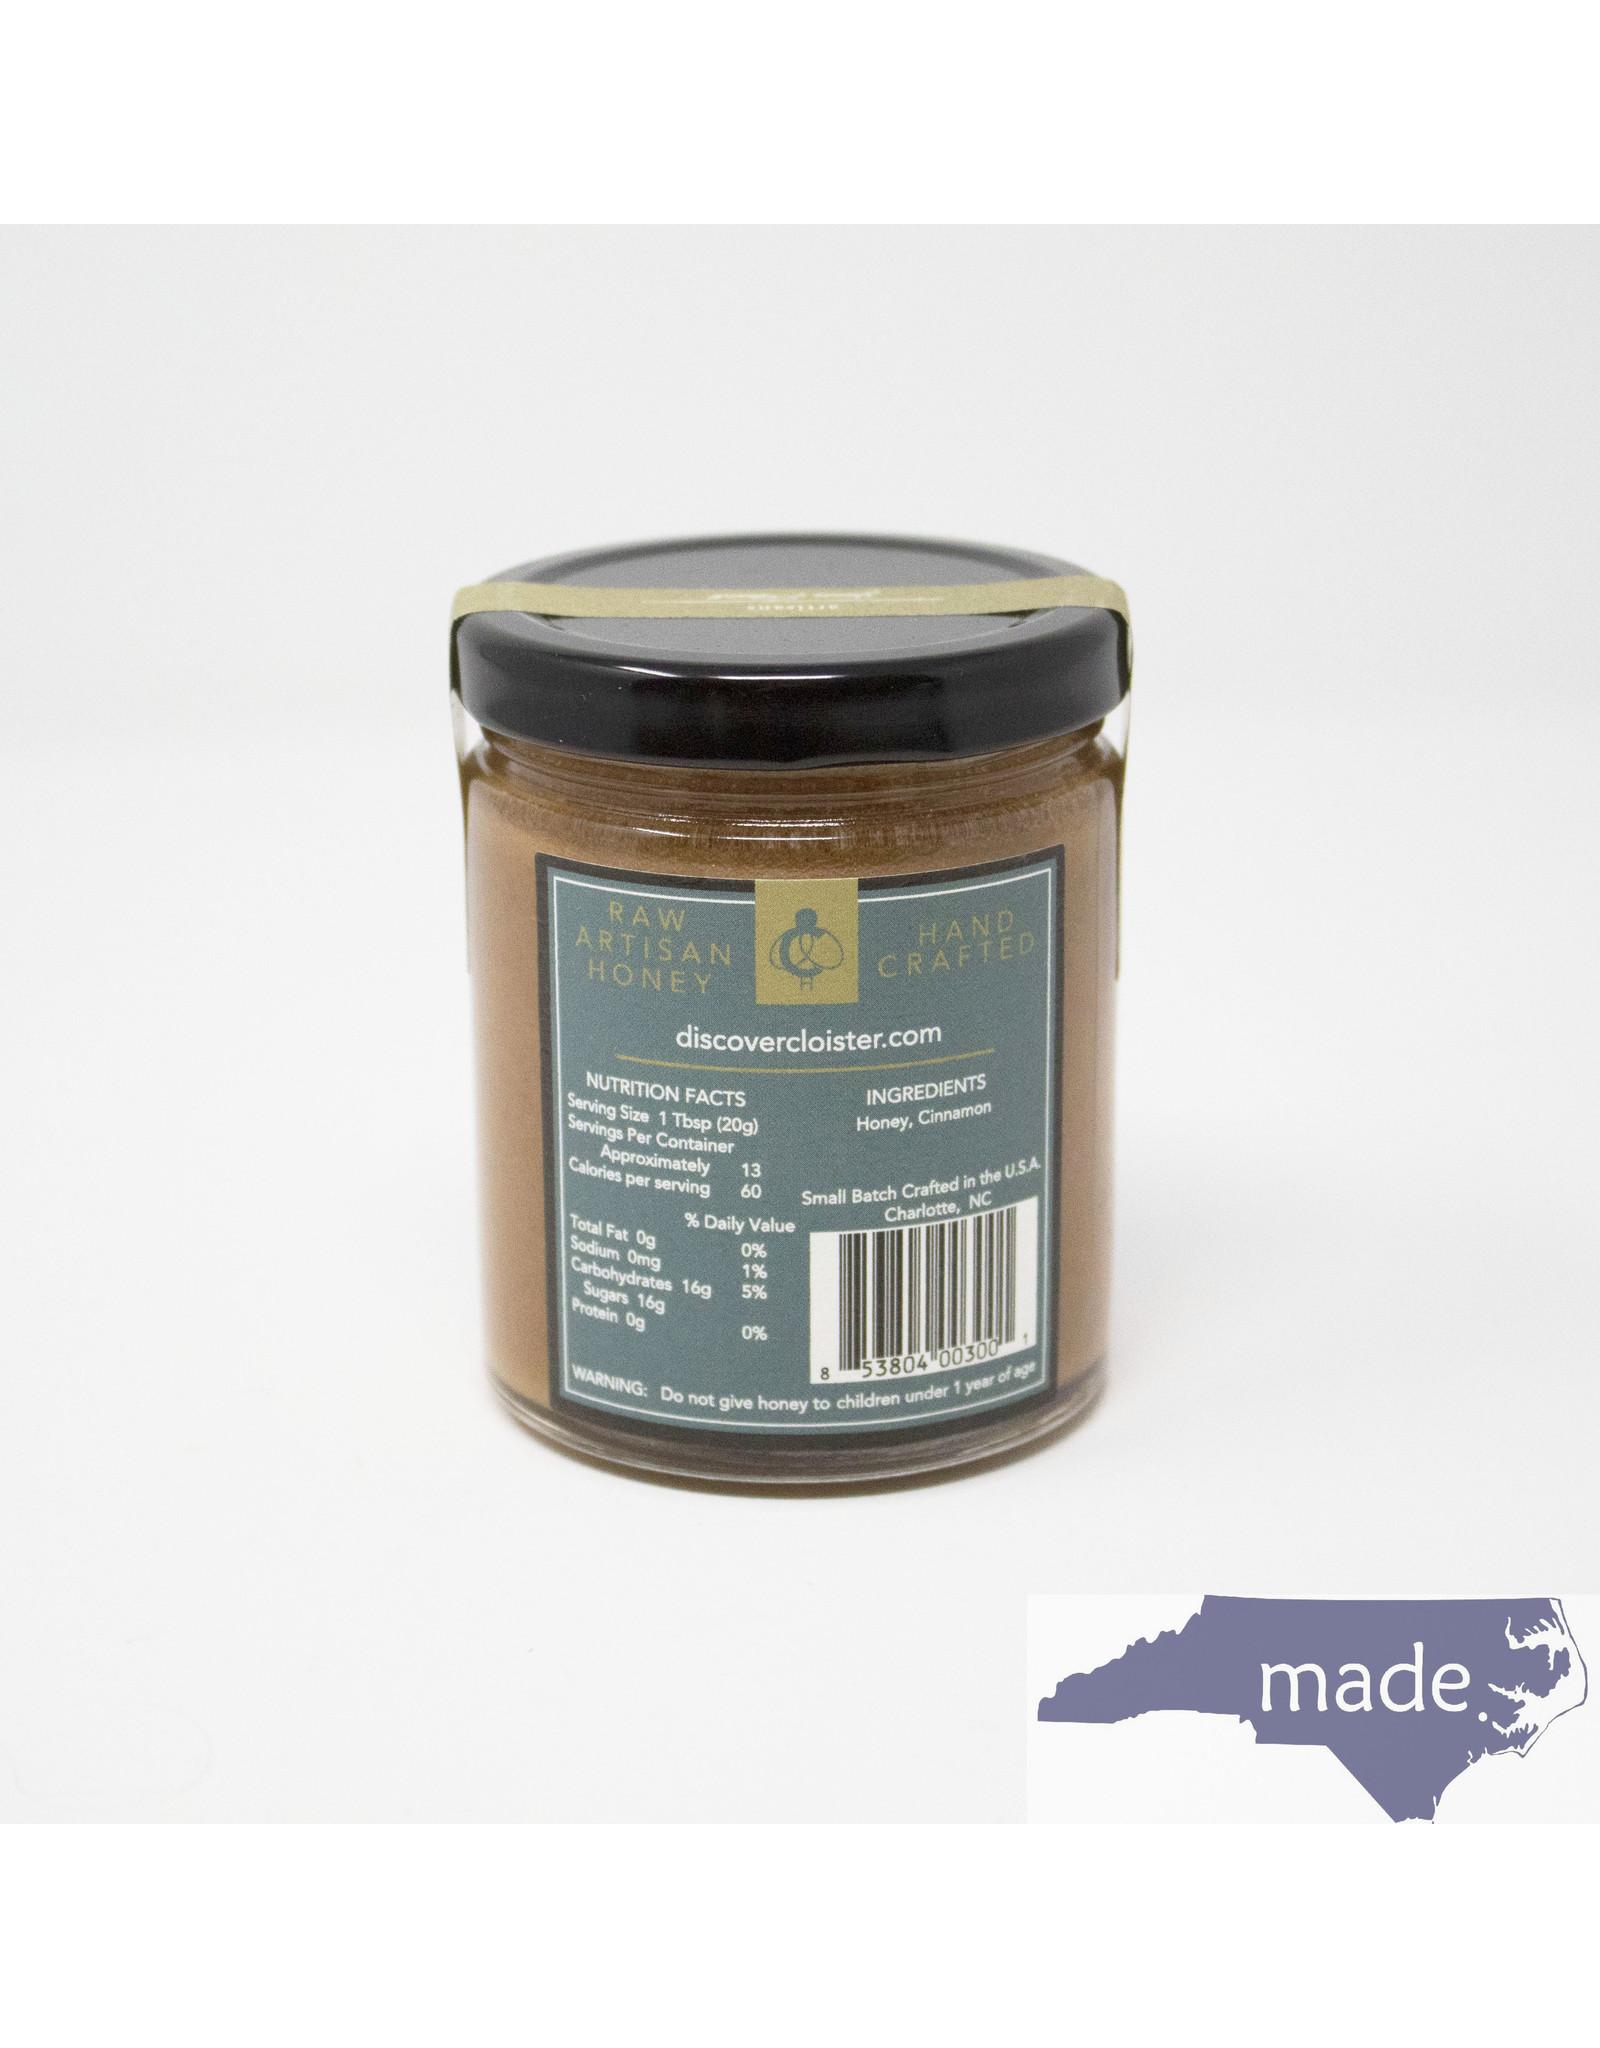 Cloister Honey Cinnamon Whipped Honey - Cloister Honey